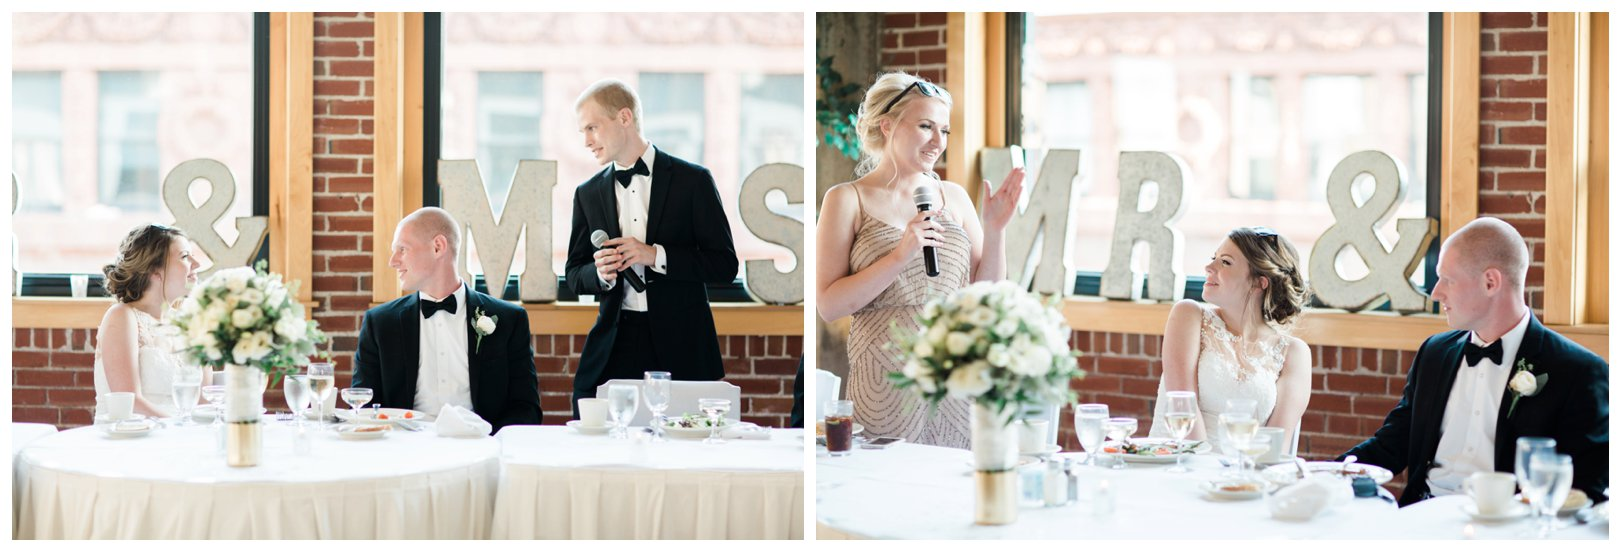 lauren muckler photography_fine art film wedding photography_st louis_photography_1332.jpg